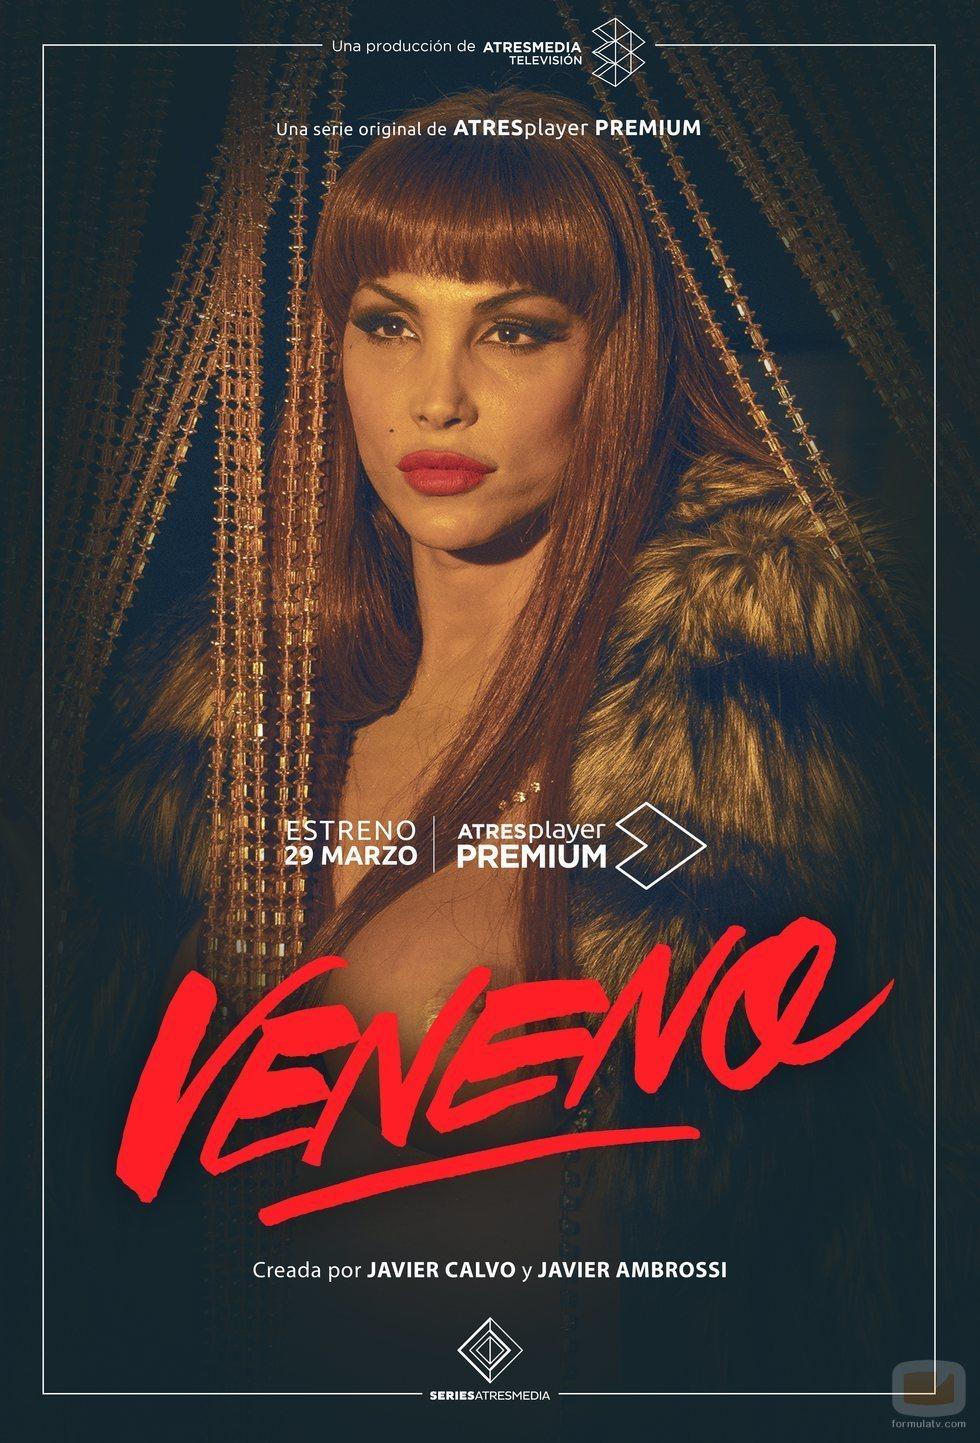 Daniela Santiago en el cartel promocional de 'Veneno'